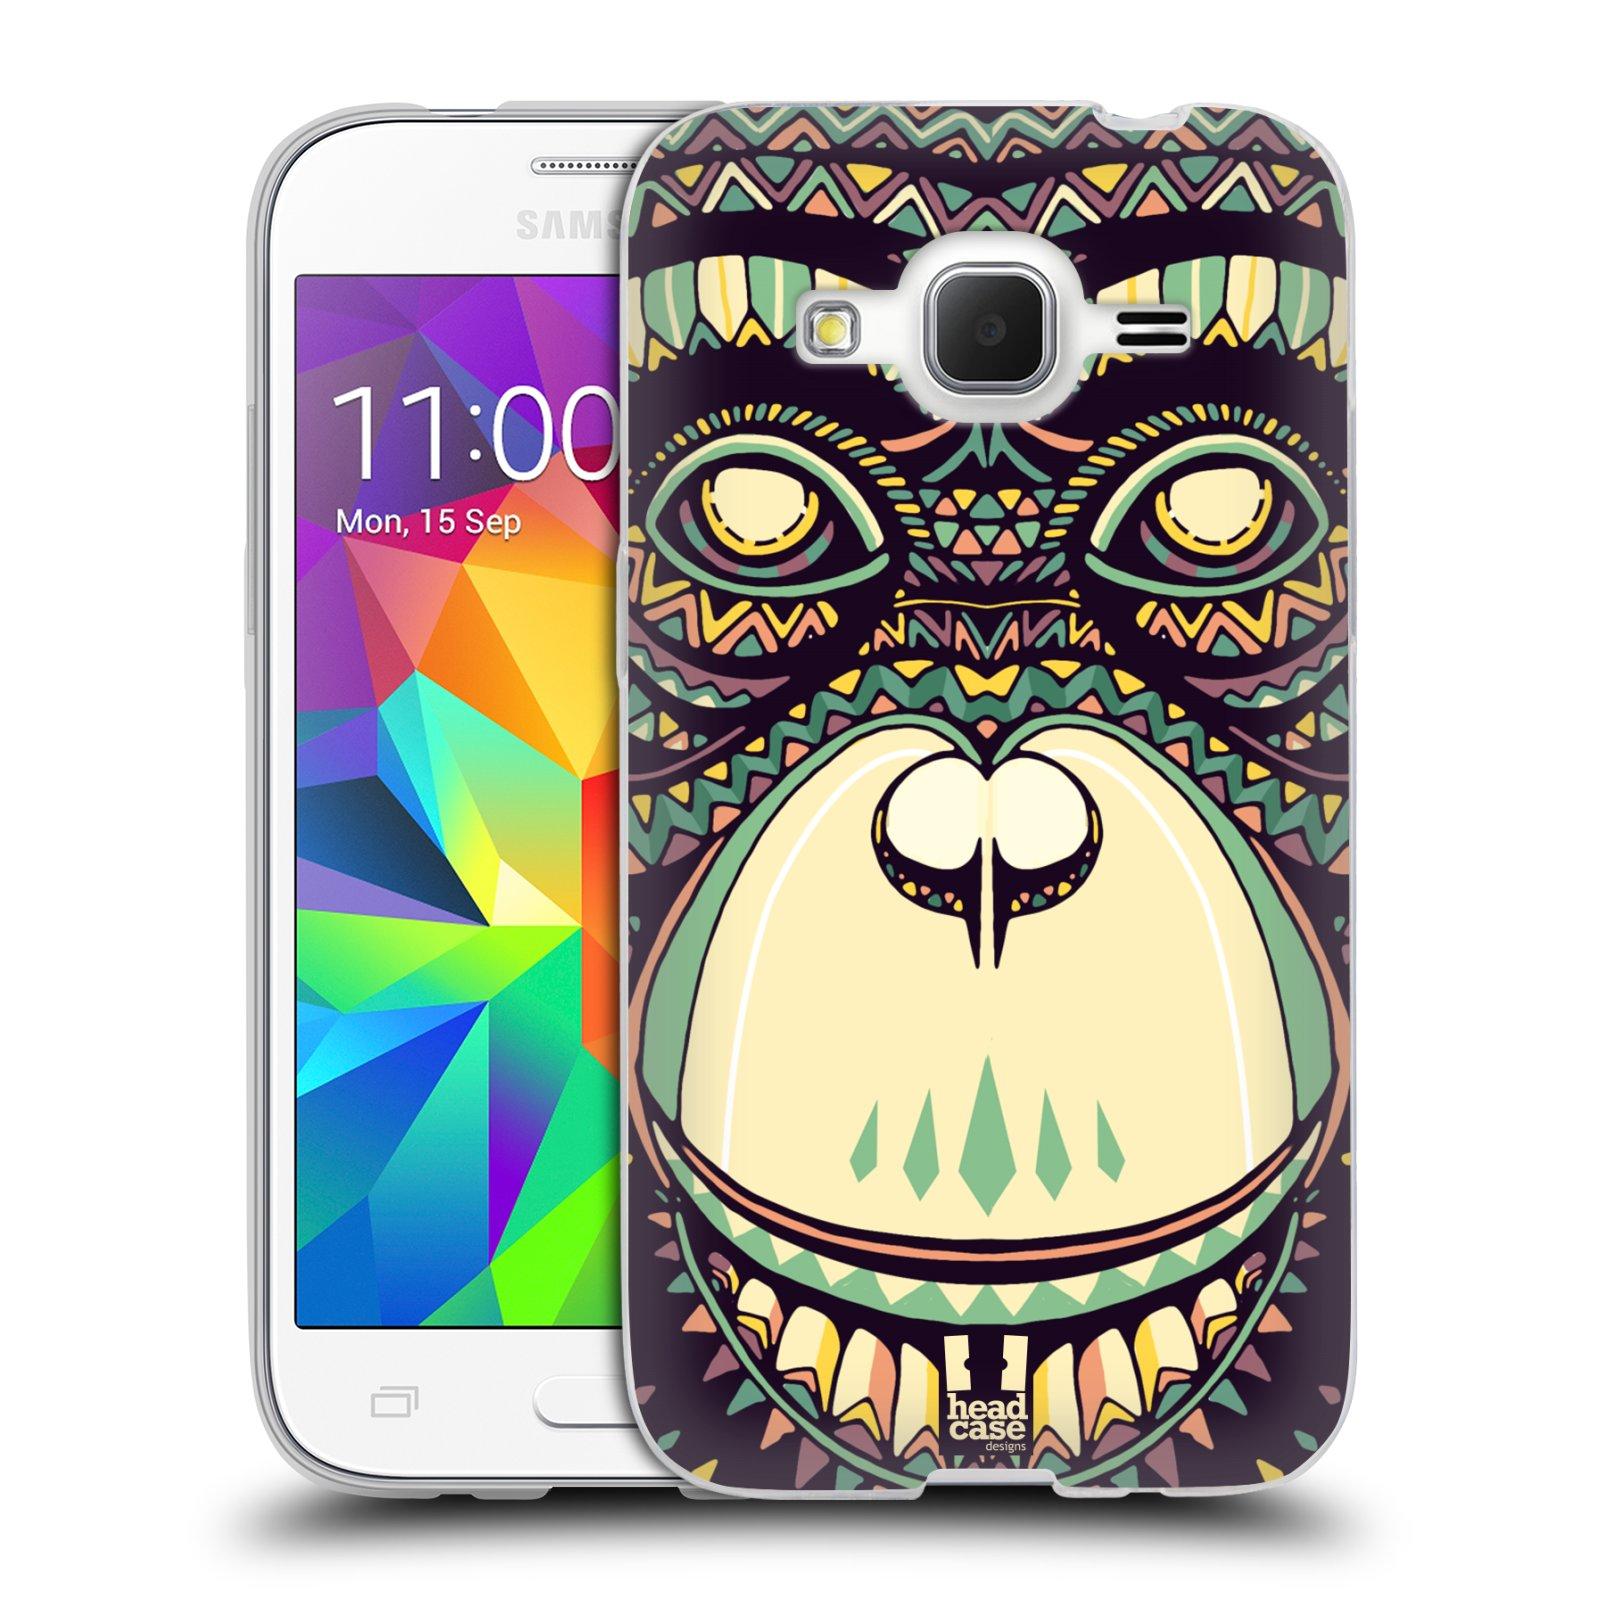 HEAD CASE silikonový obal na mobil Samsung Galaxy Core Prime (G360) vzor Aztécký motiv zvíře 3 šimpanz